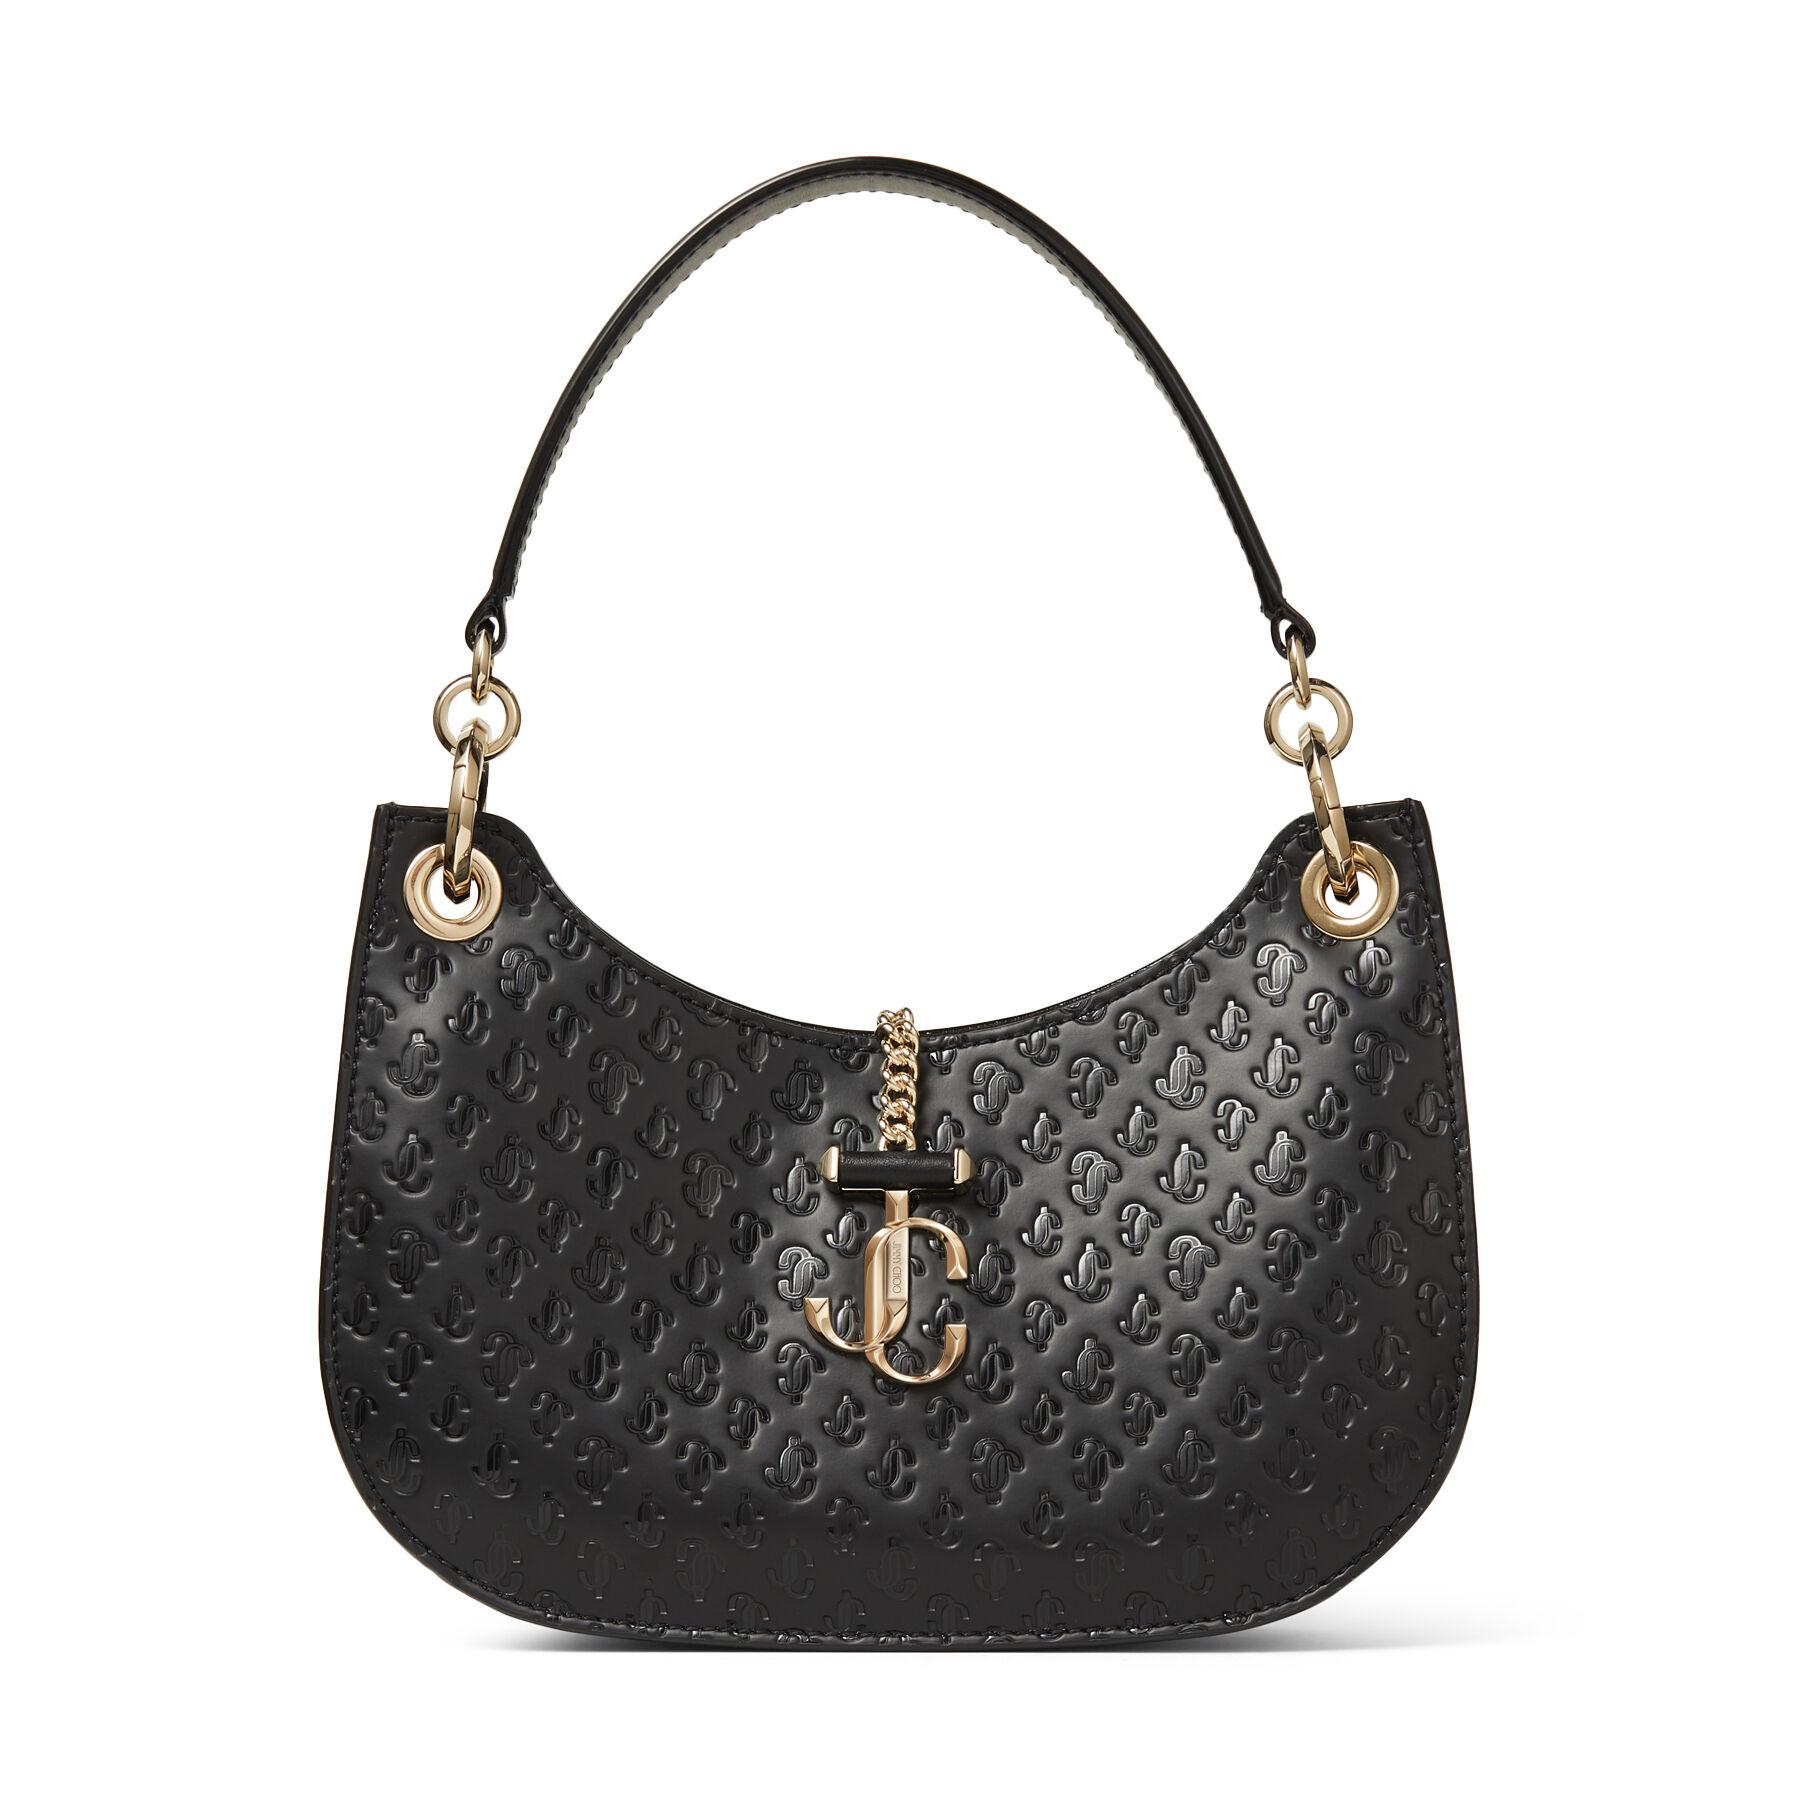 VARENNE HOBO/S - Black Calf Leather, Suede and JC Logo Pattern Hobo Handbag